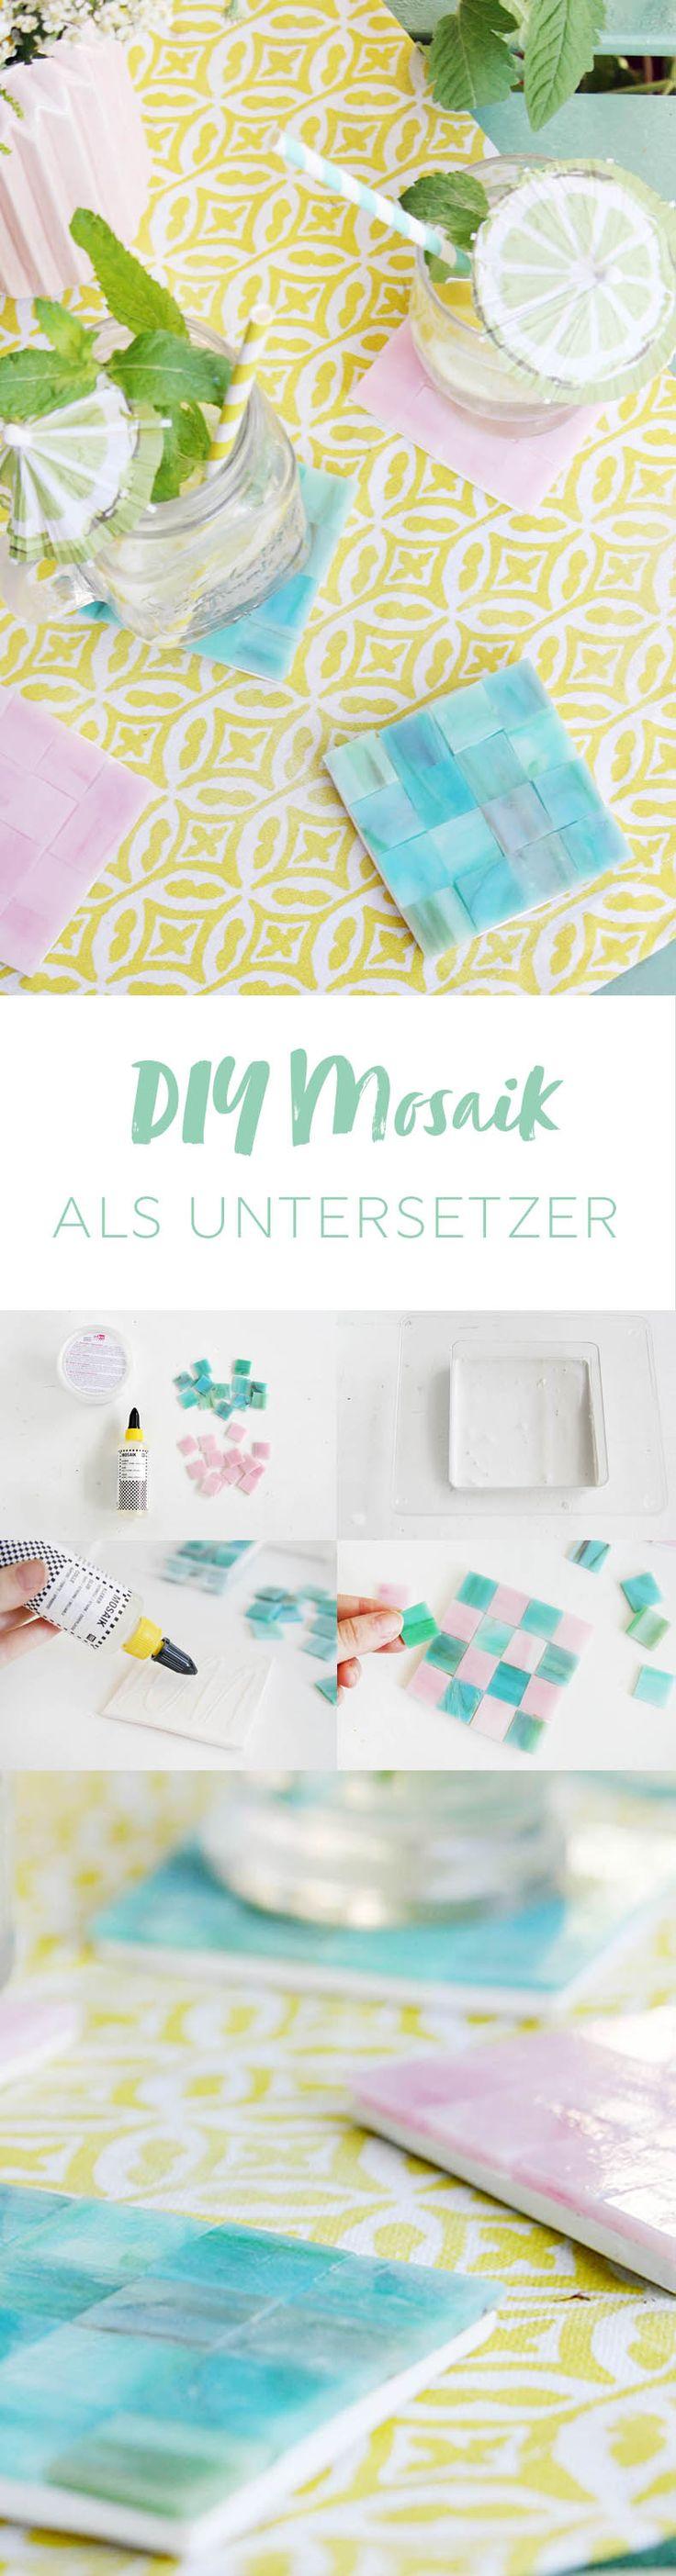 Kreative DIY Idee als Geschenk selbstgemacht: Untersetzer aus bunten Mosaiksteinen basteln - mit Beton als Basis | mit DIY Anleitung